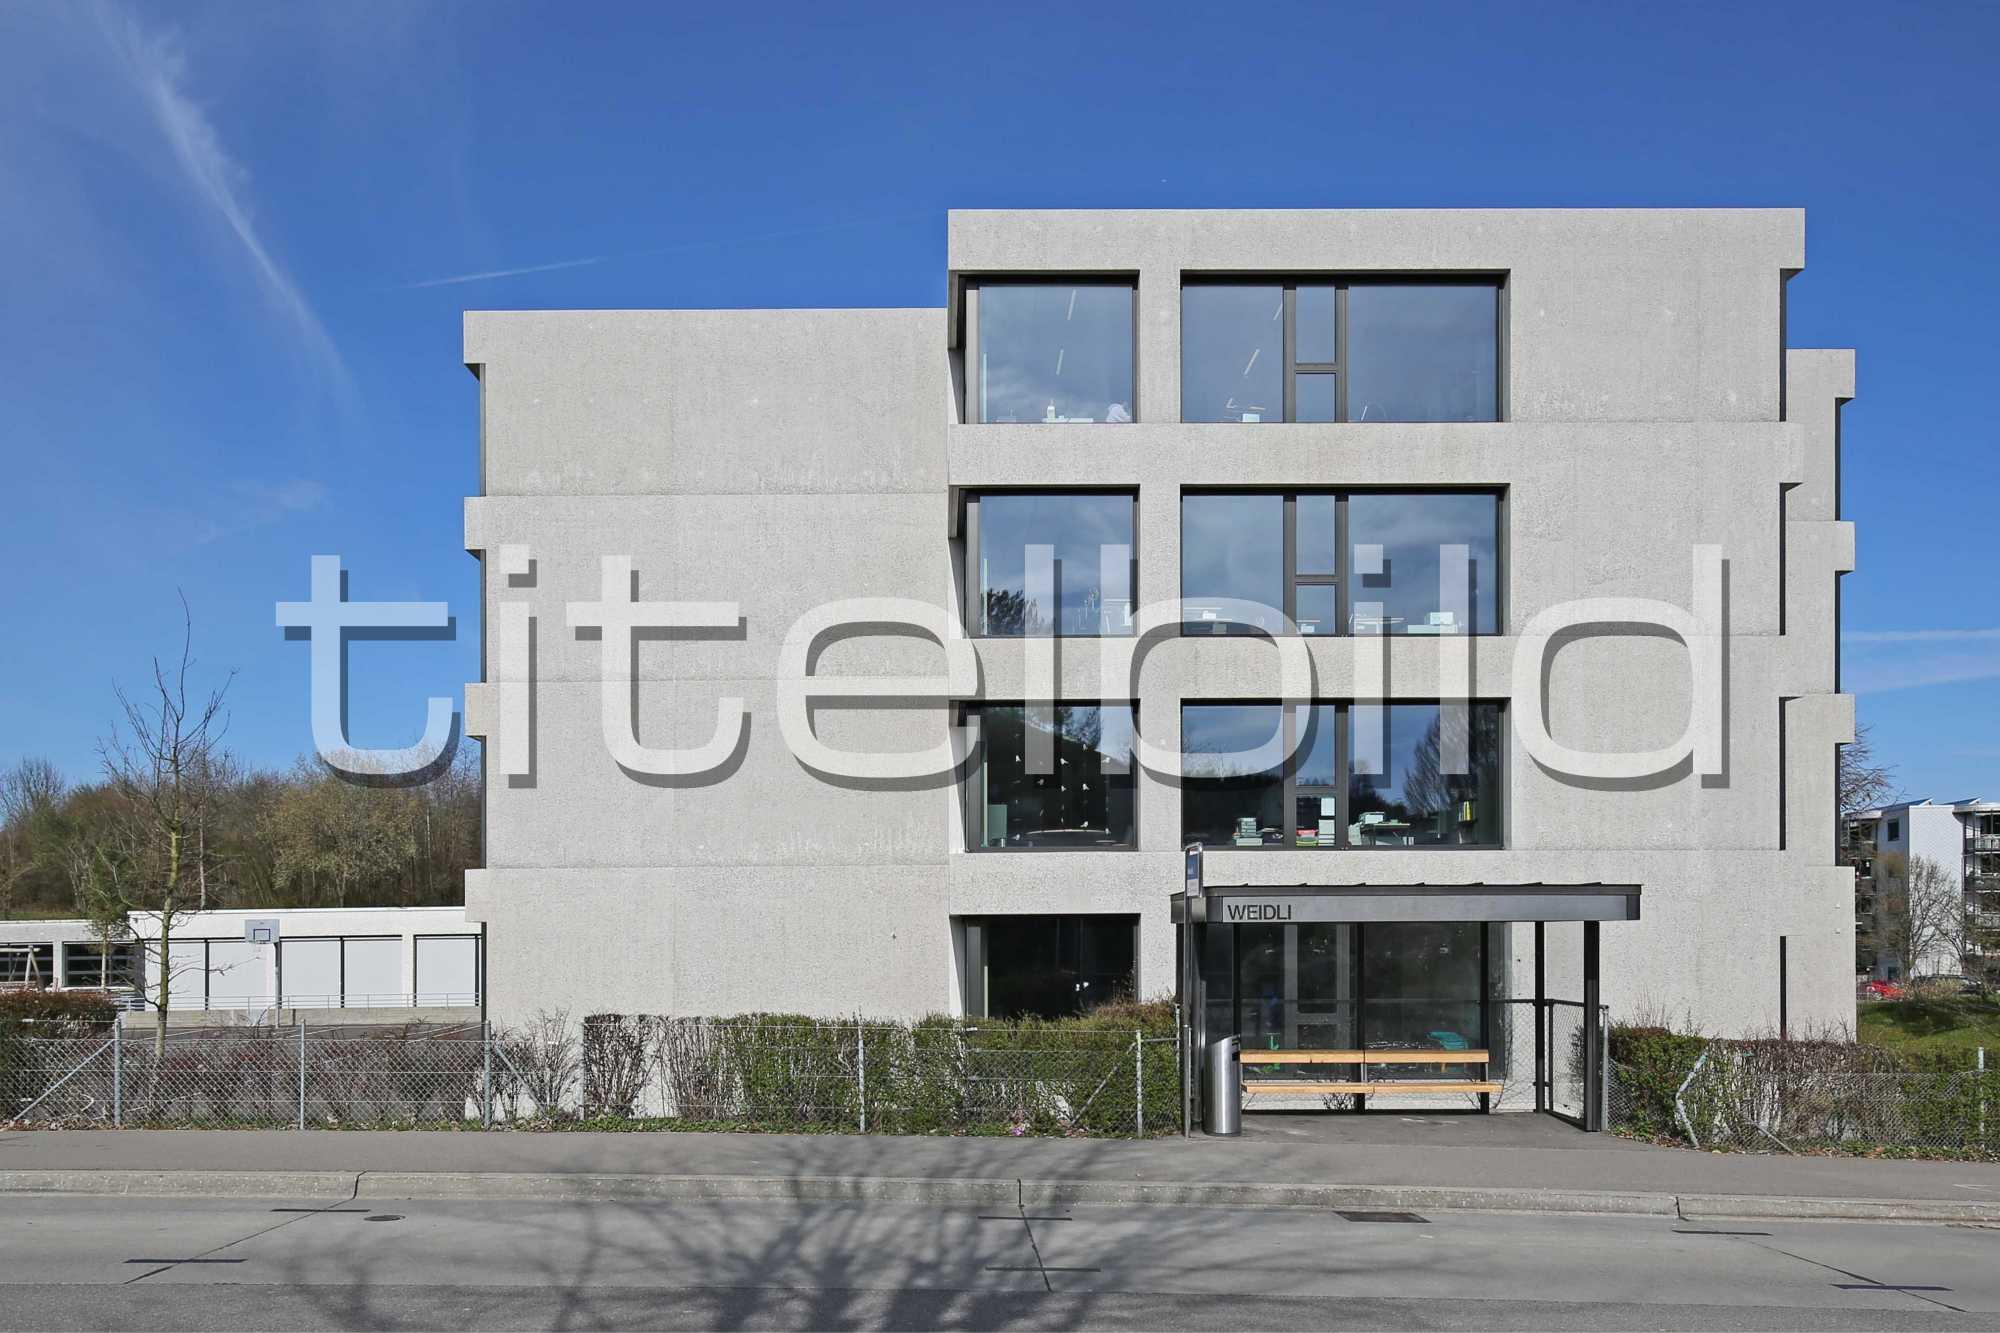 Projektbild-Nr. 4: Erweiterung Schulhaus Weidli